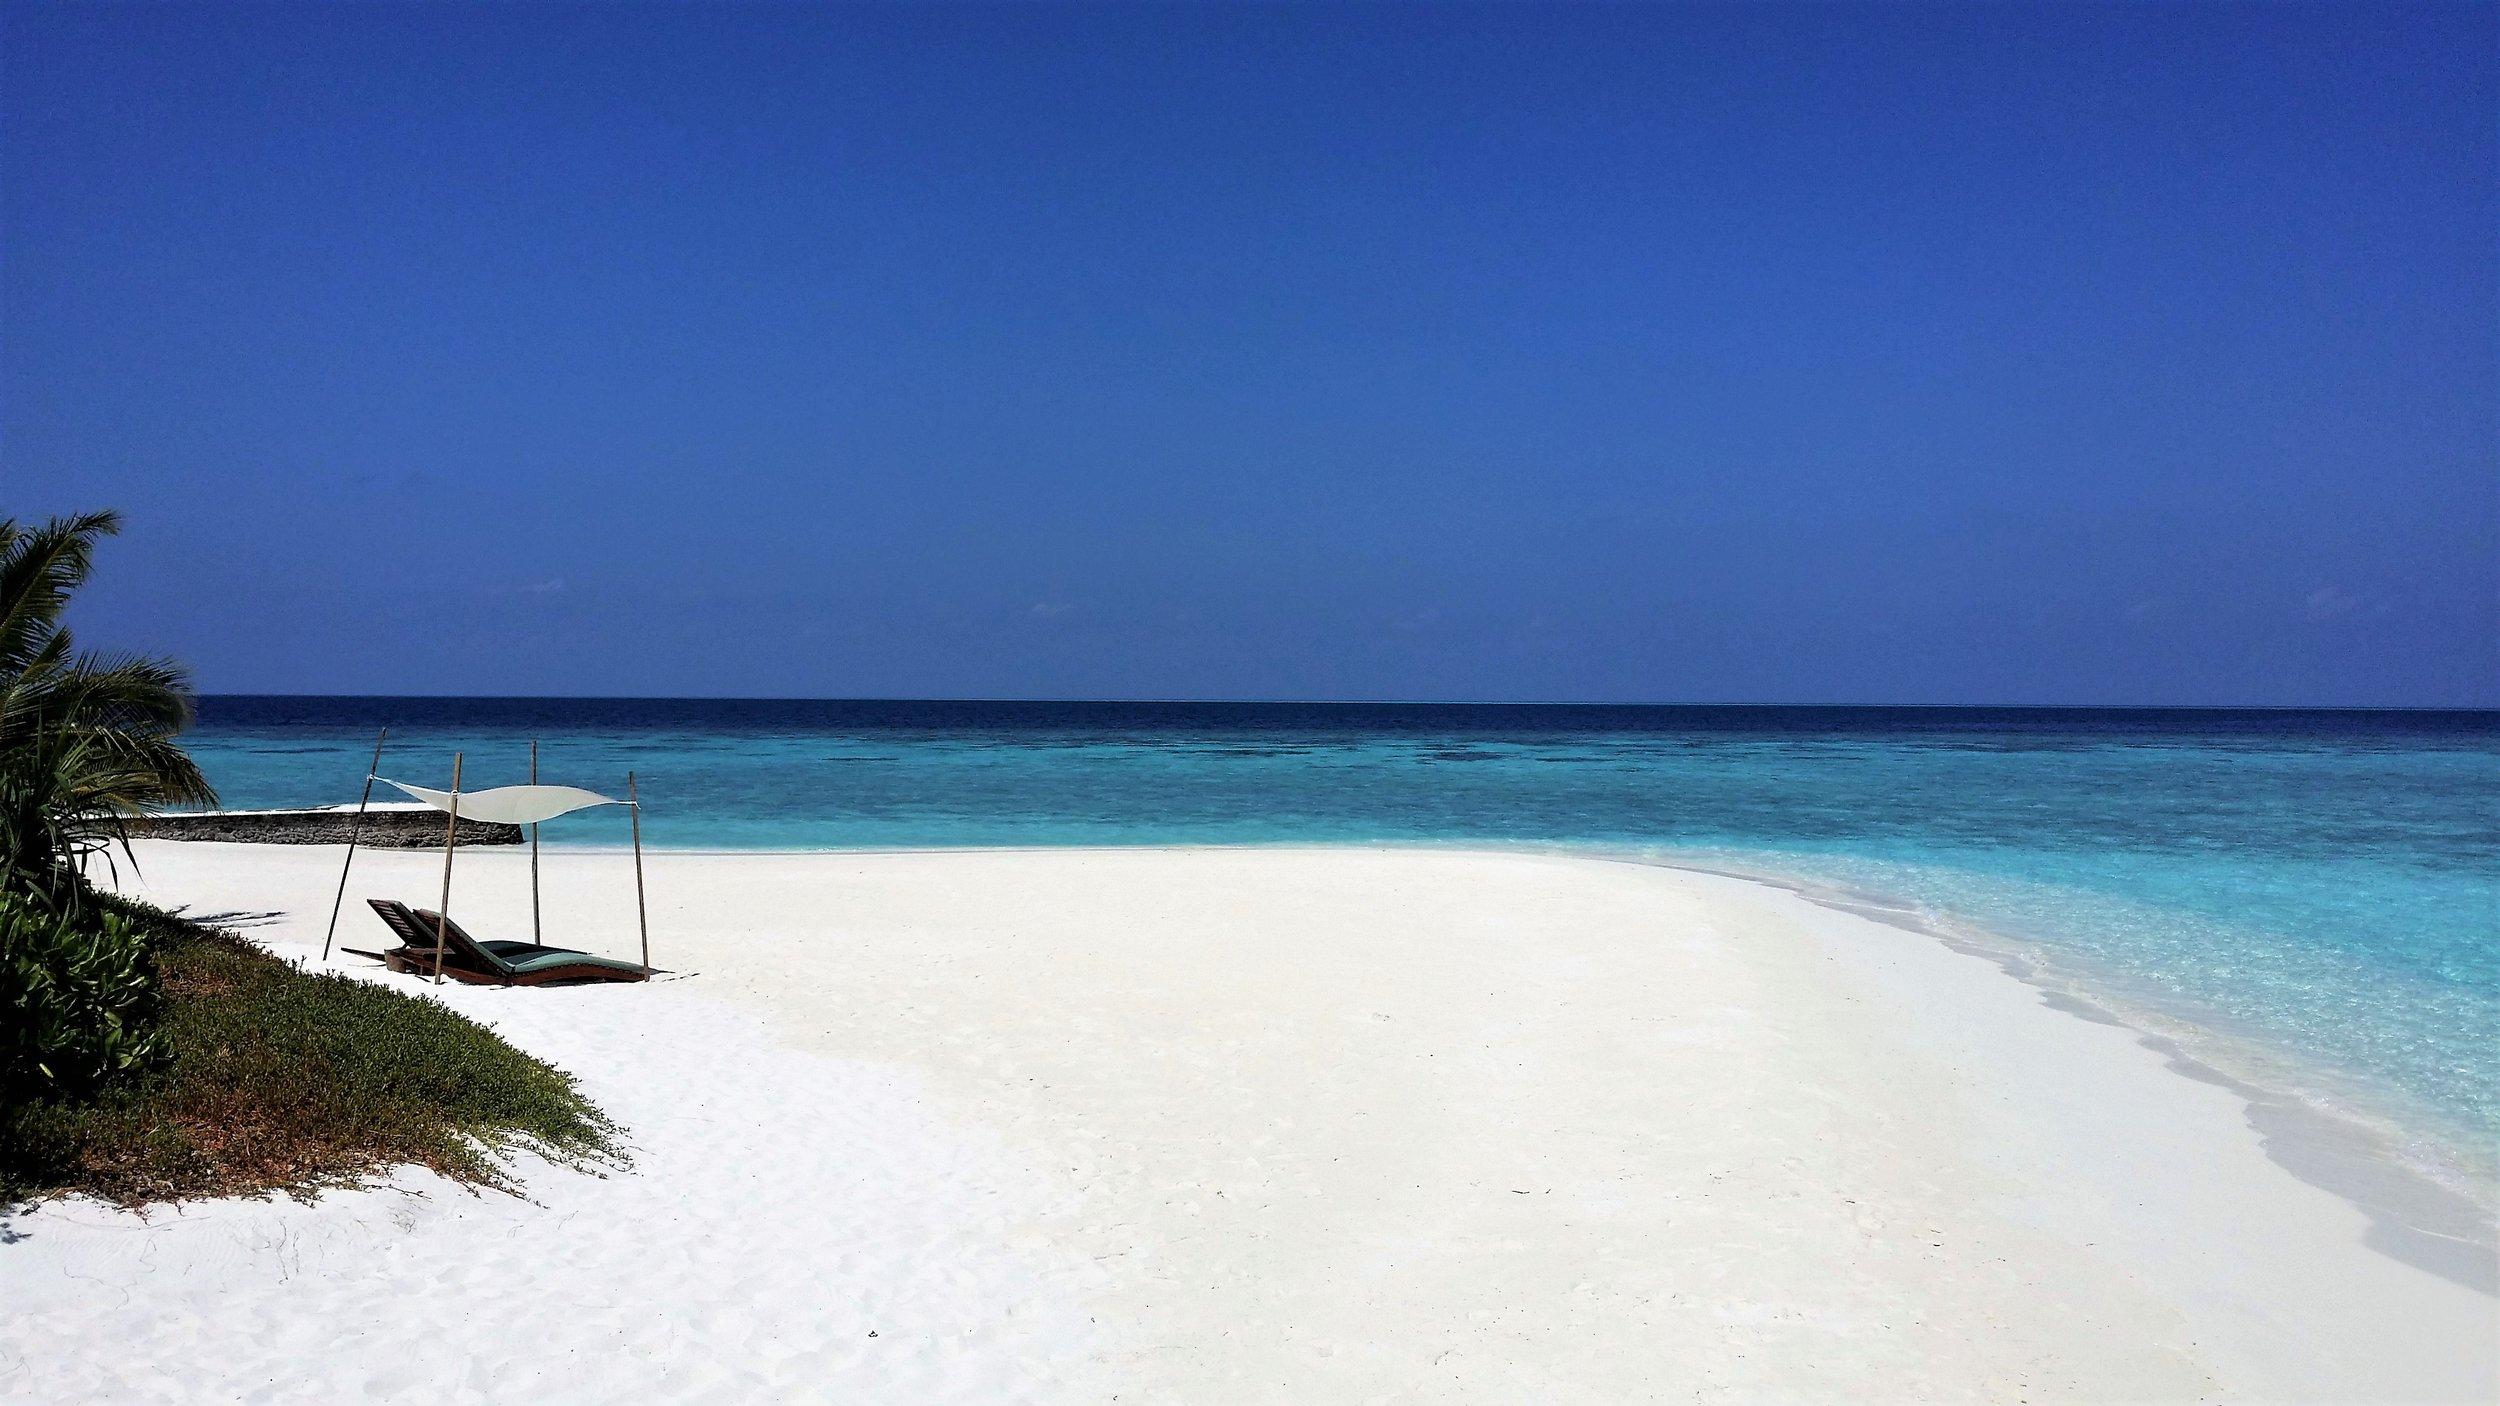 Coco Bodu Hithi Beach